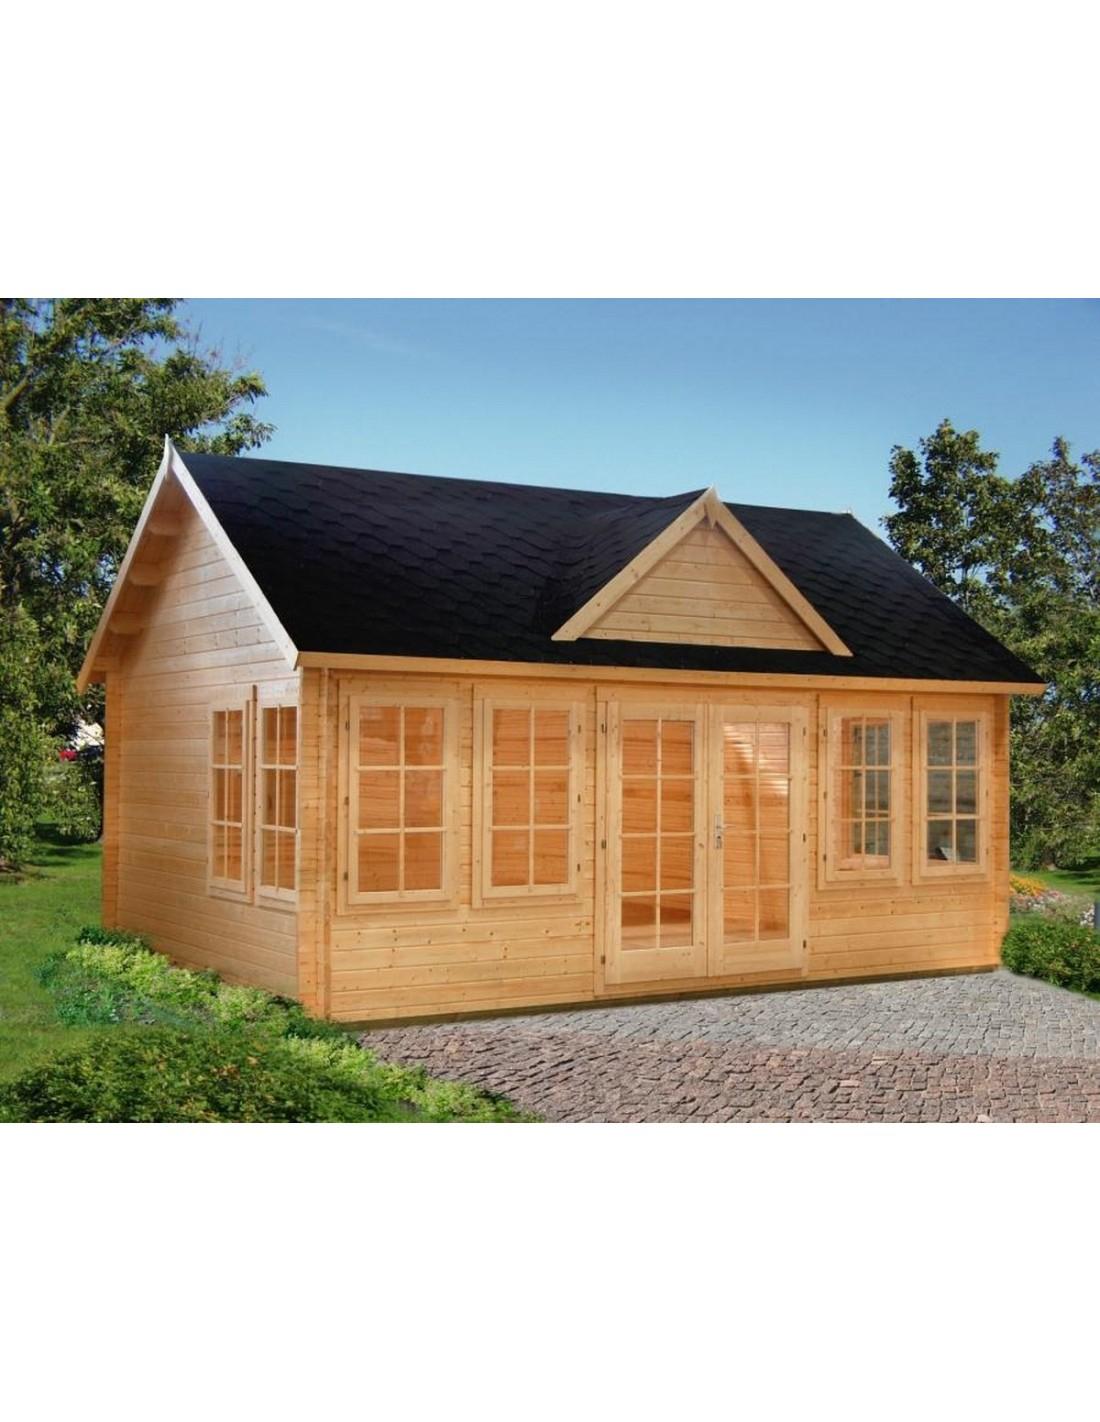 Abri De Jardin Claudia 20 M² Avec Plancher - Serres-Et-Abris concernant Abri De Jardin Habitable